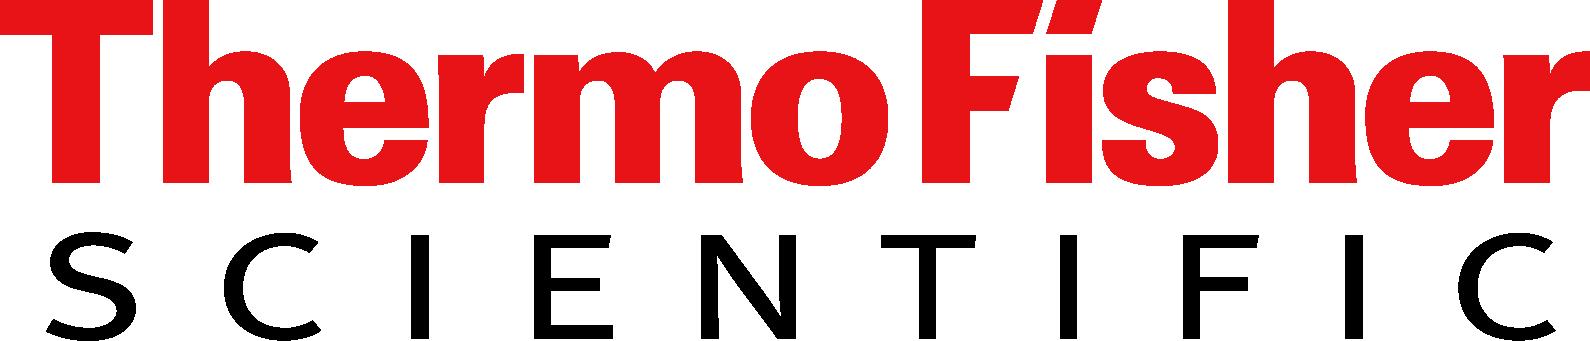 Thermo Fisher Scientific_logo